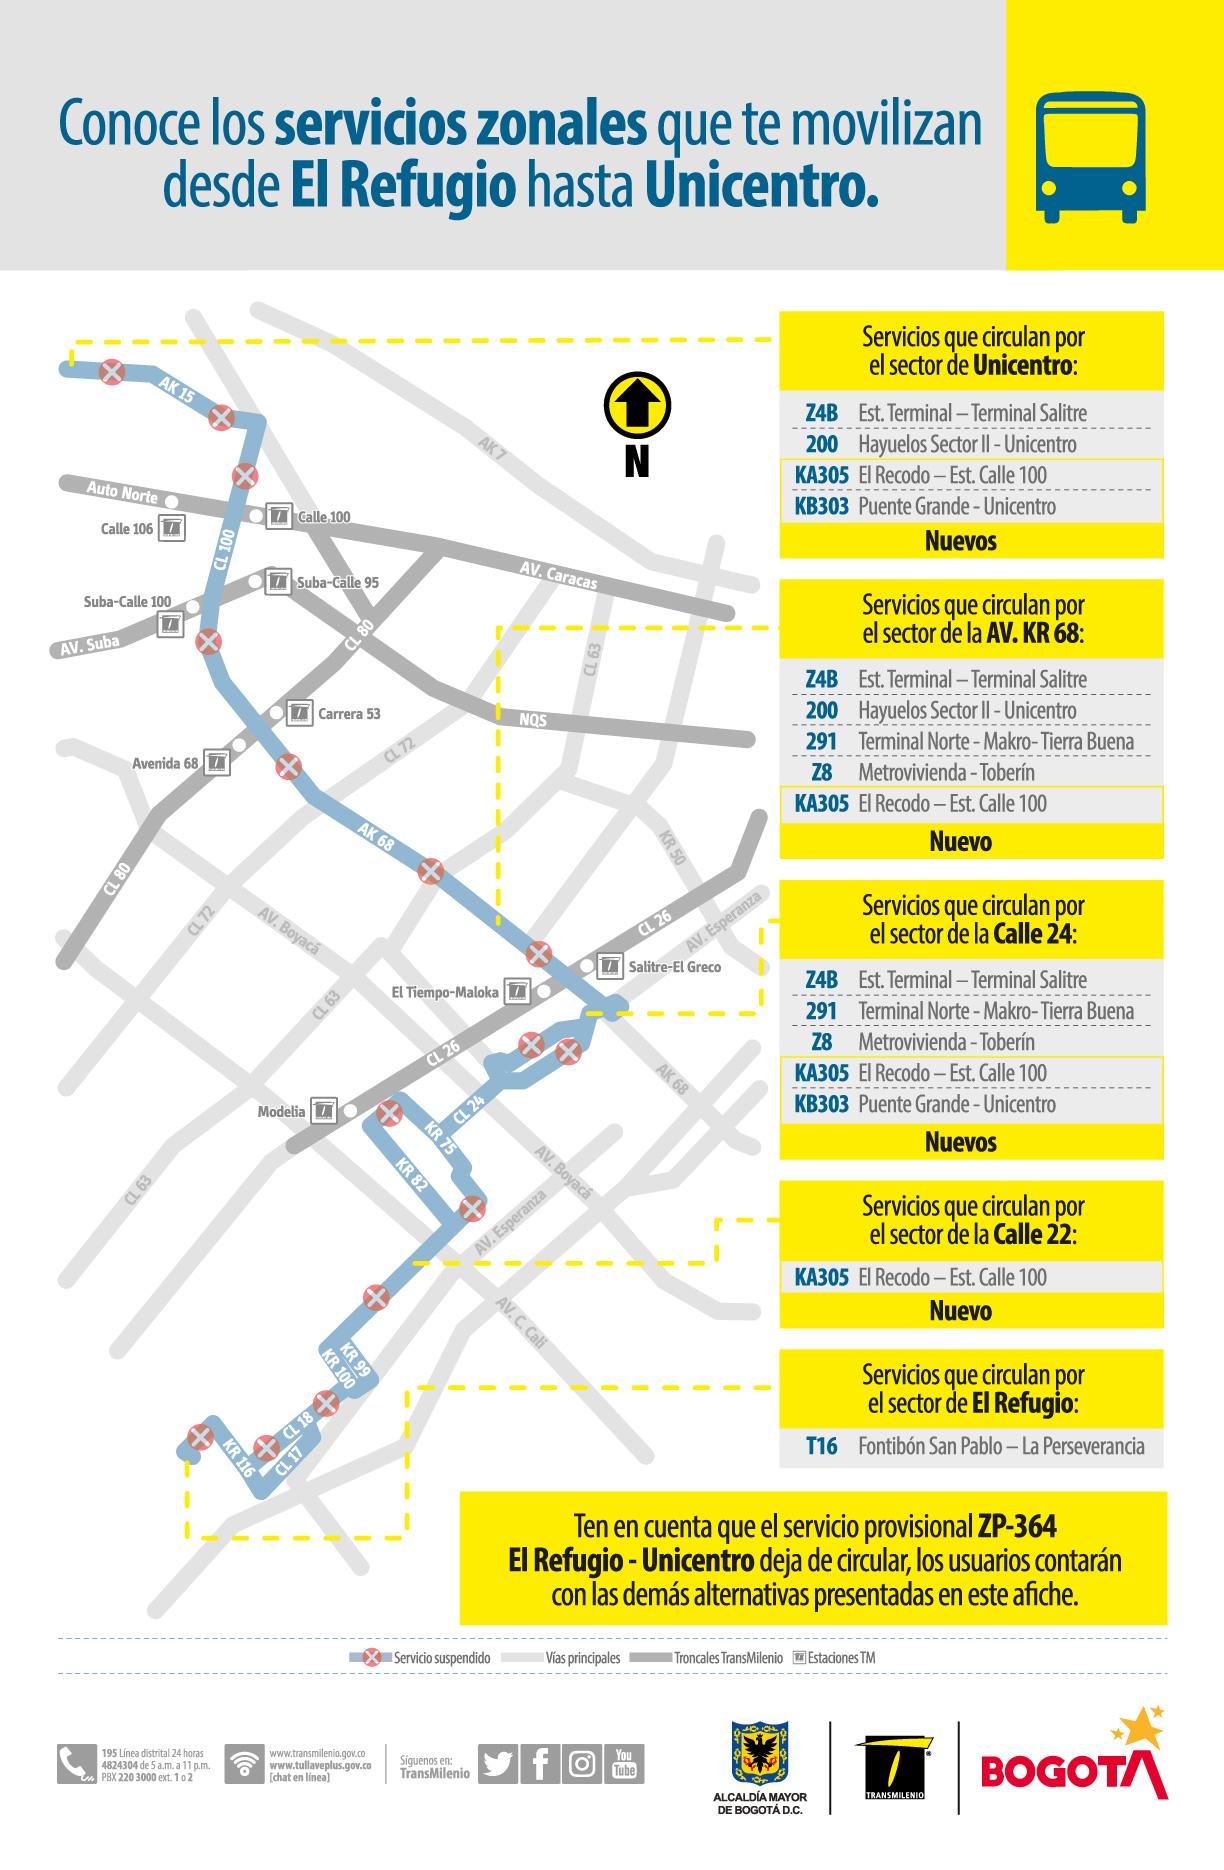 Rutas alternas de la ruta ZP- 364 que te movilizan desde El Refugio hasta Unicentro